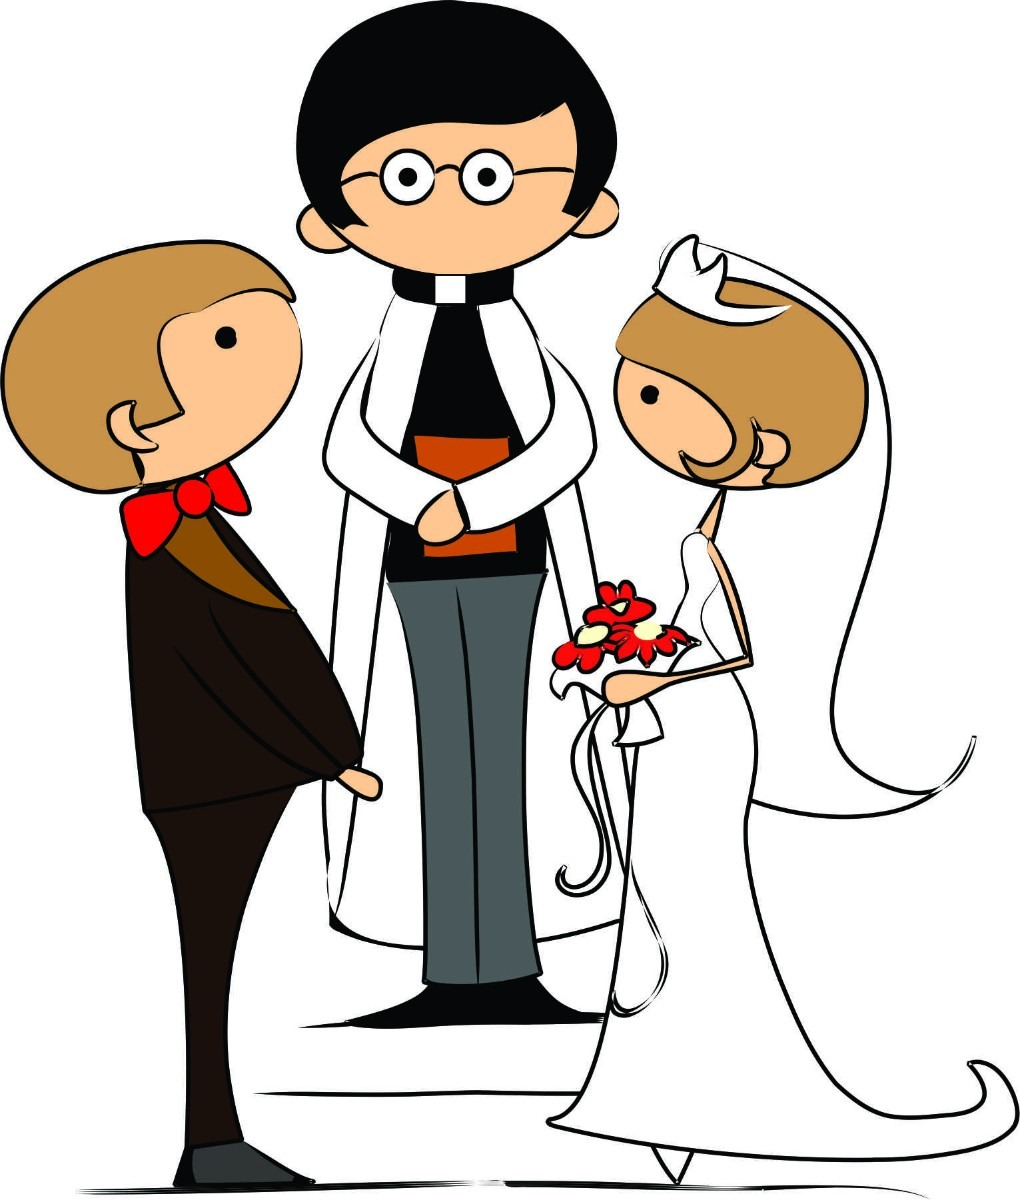 Matrimonio Catolico Animado : Vetores de noivos casamentos e convites para corel draw